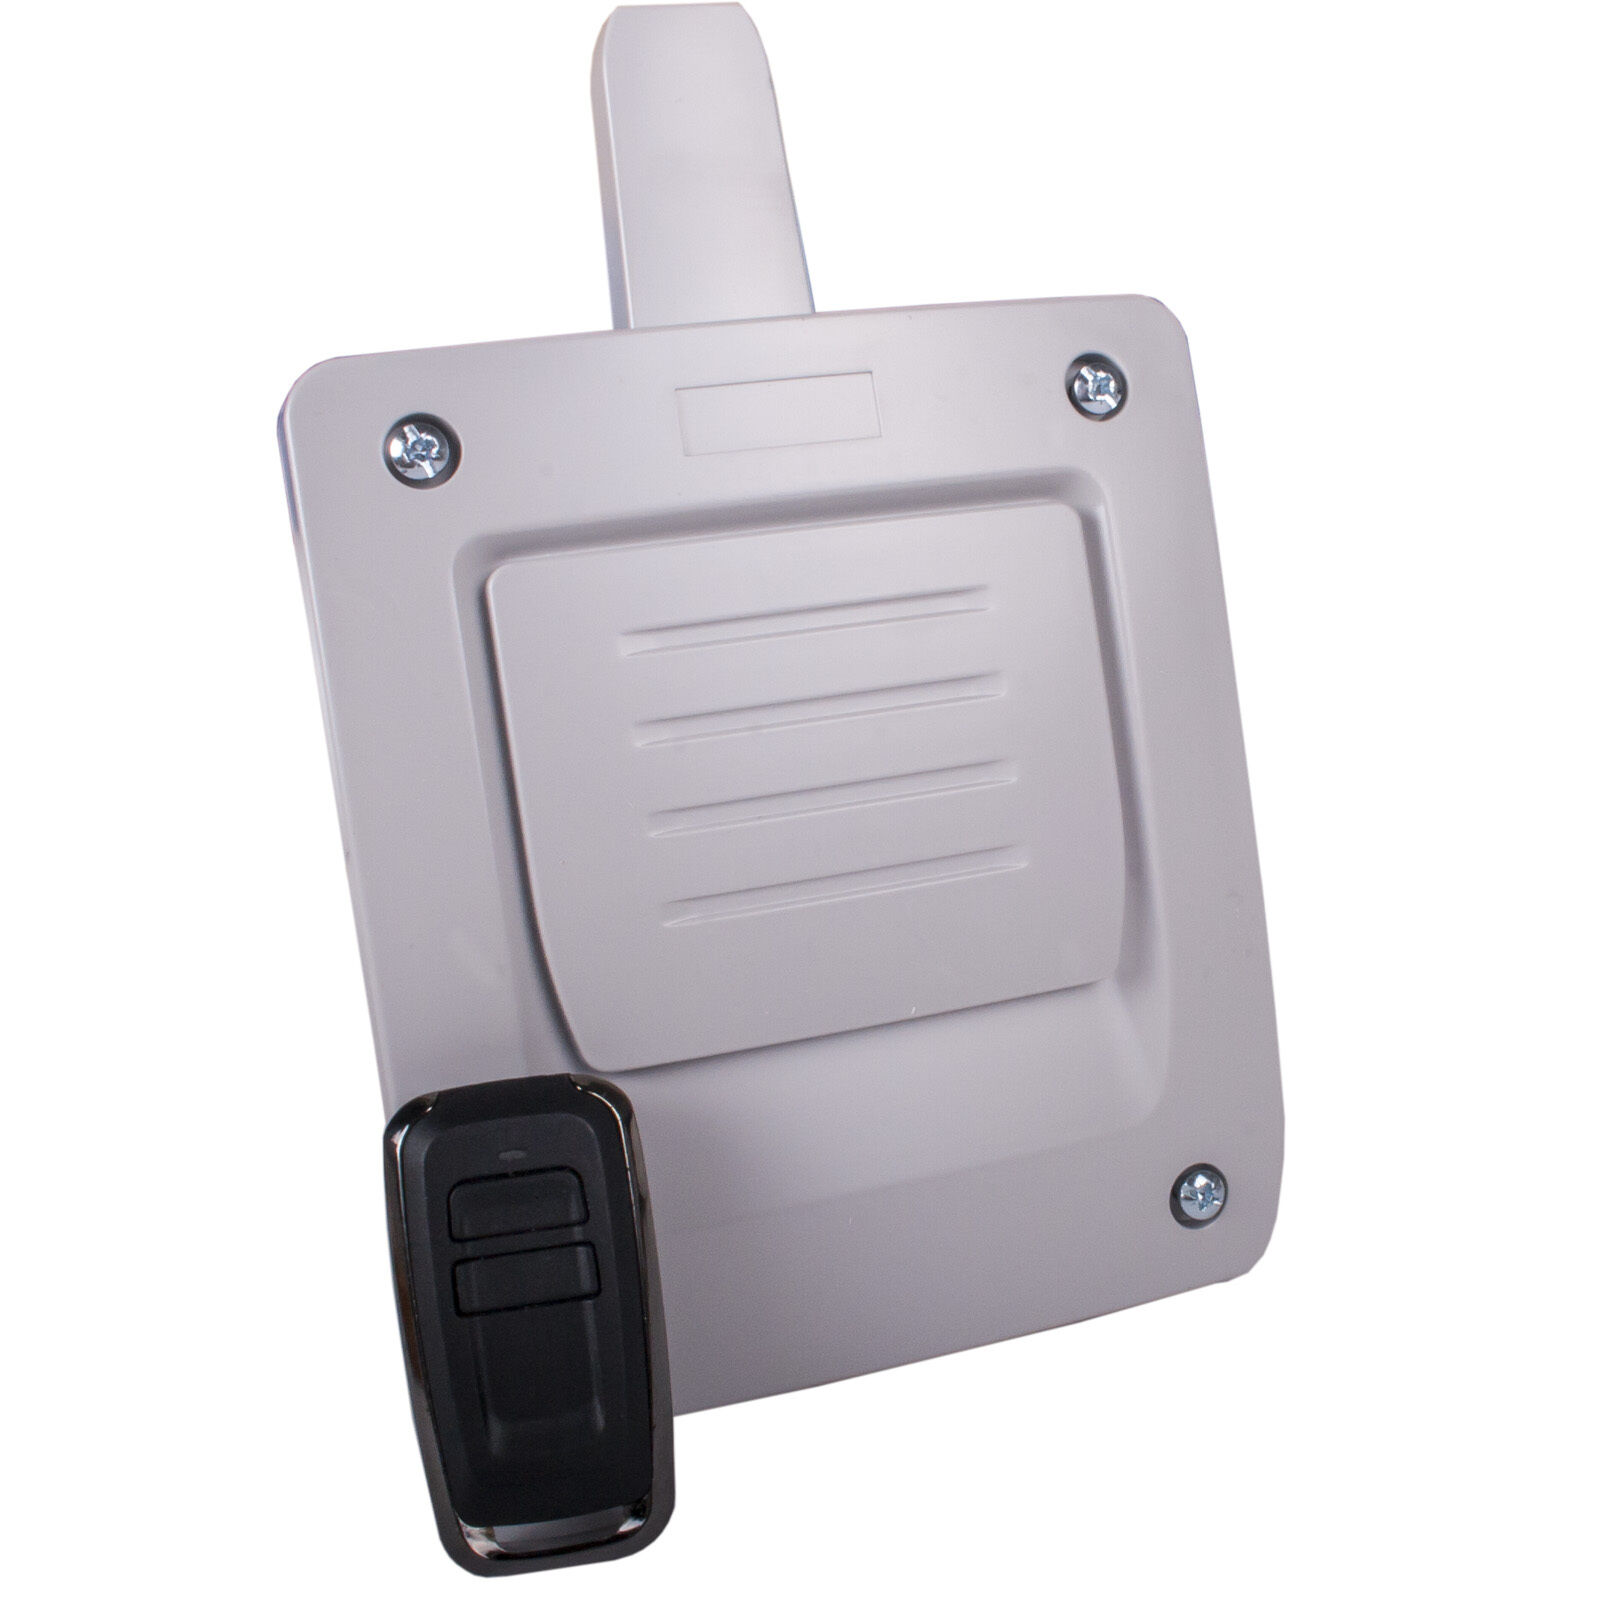 Set Emisor manual y receptor de radio 868 MHz,Accionamiento portón,Portones,